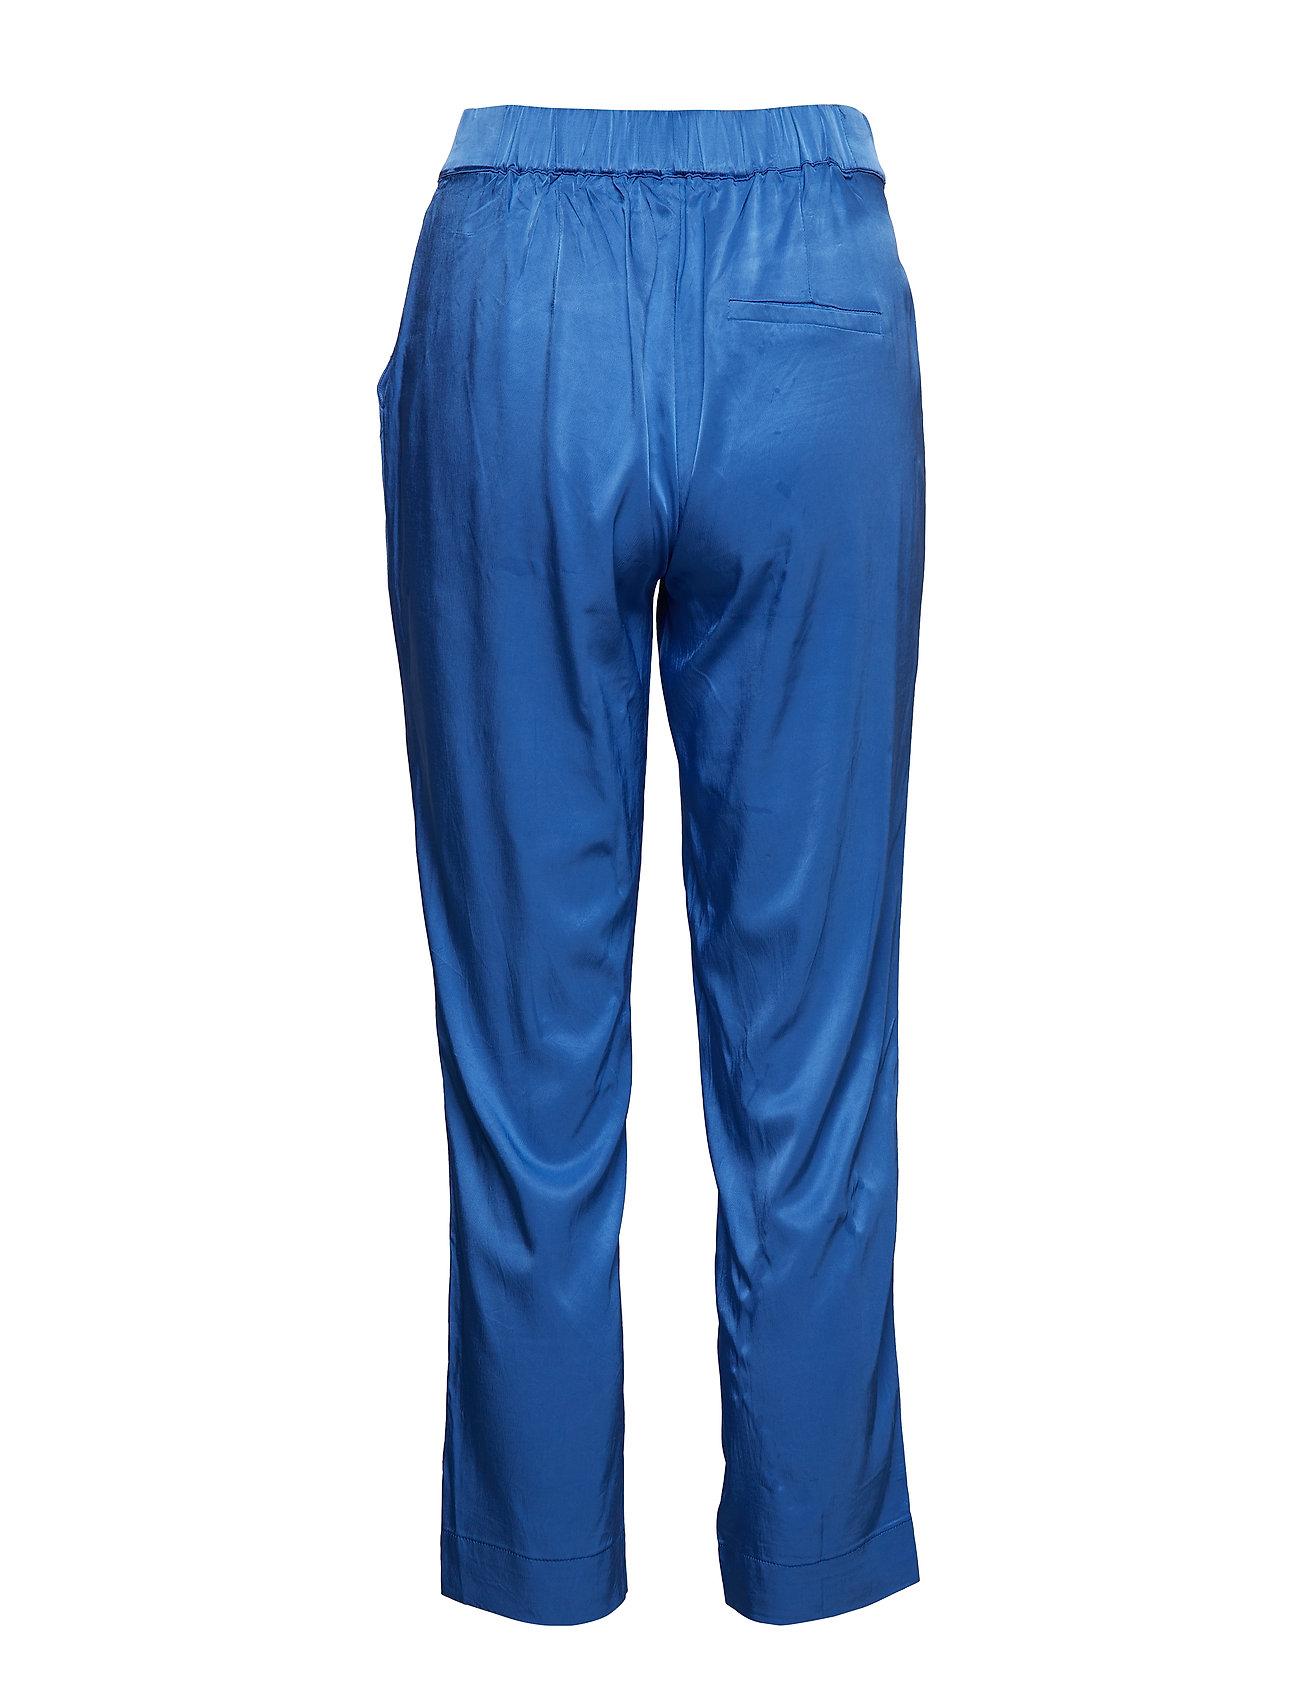 Pants In Satin Stretch (Sky Blue) (389.70 kr) - Coster Copenhagen